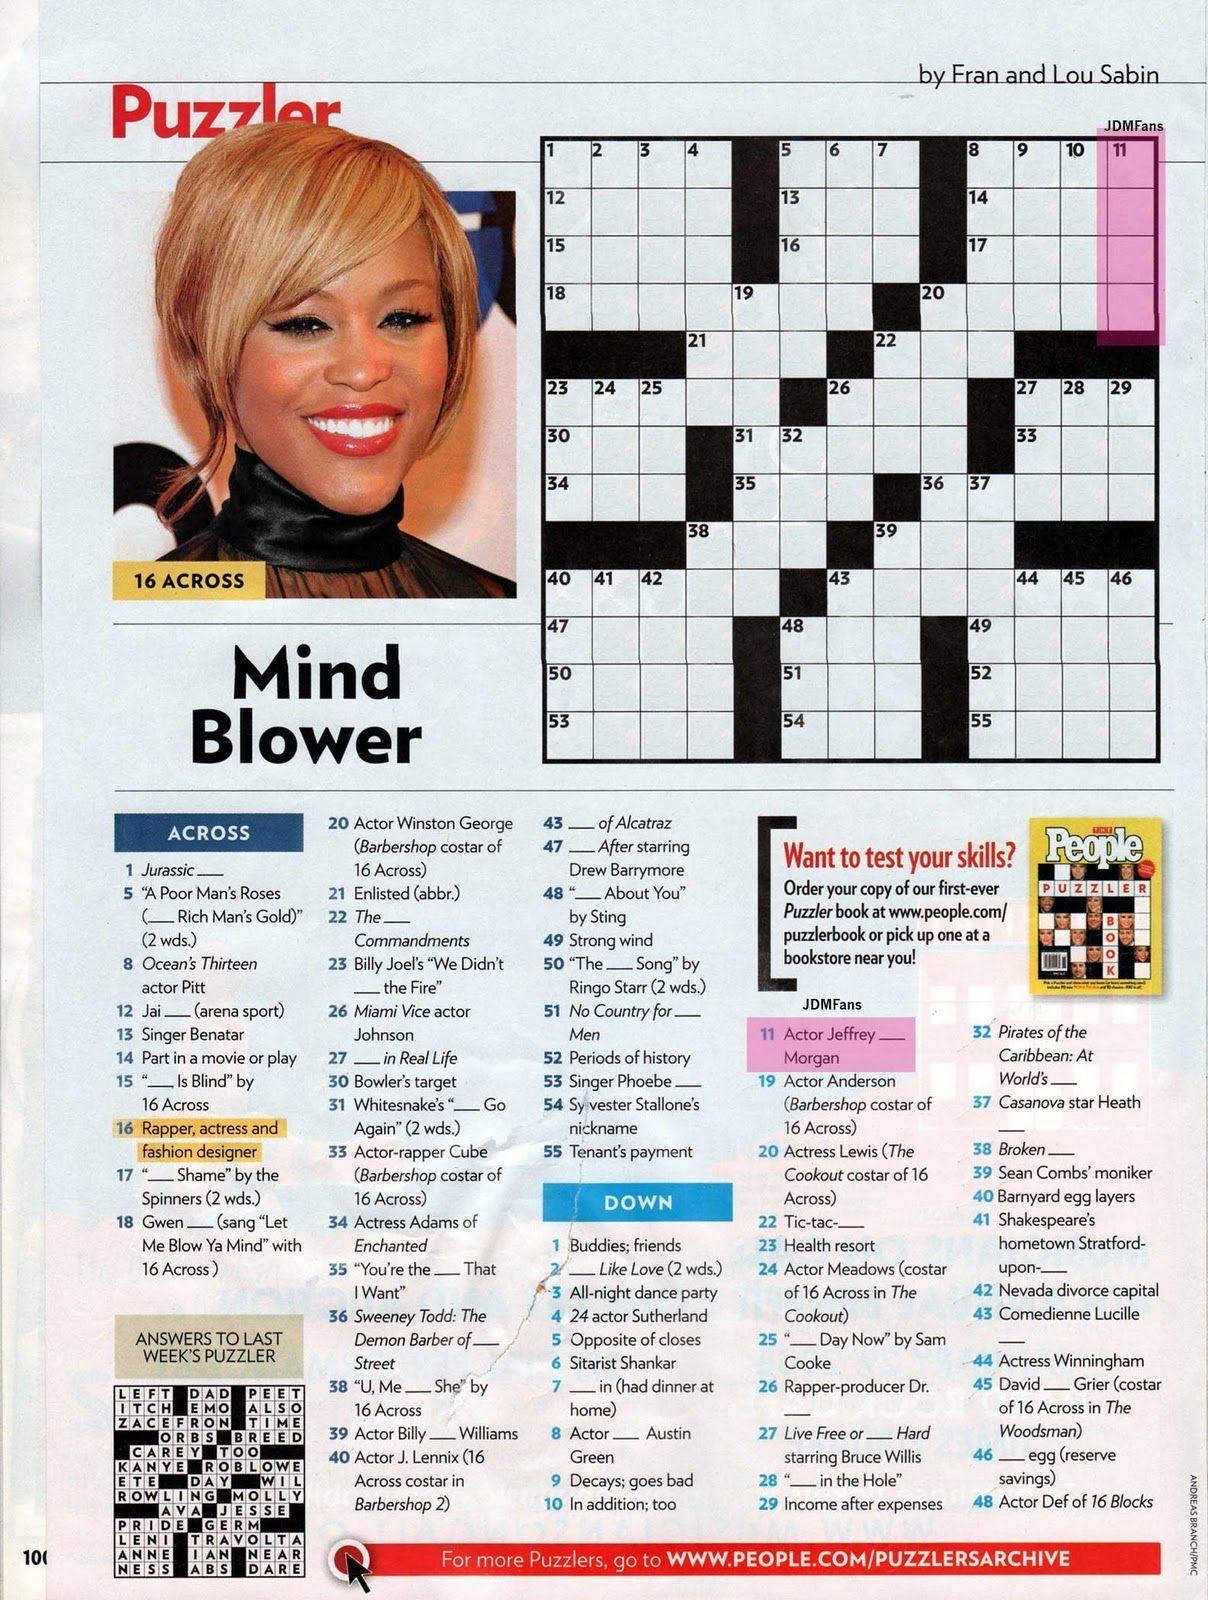 Printable People Magazine Crossword Puzzles In 2020 Crossword Puzzles Printable Crossword Puzzles People Magazine